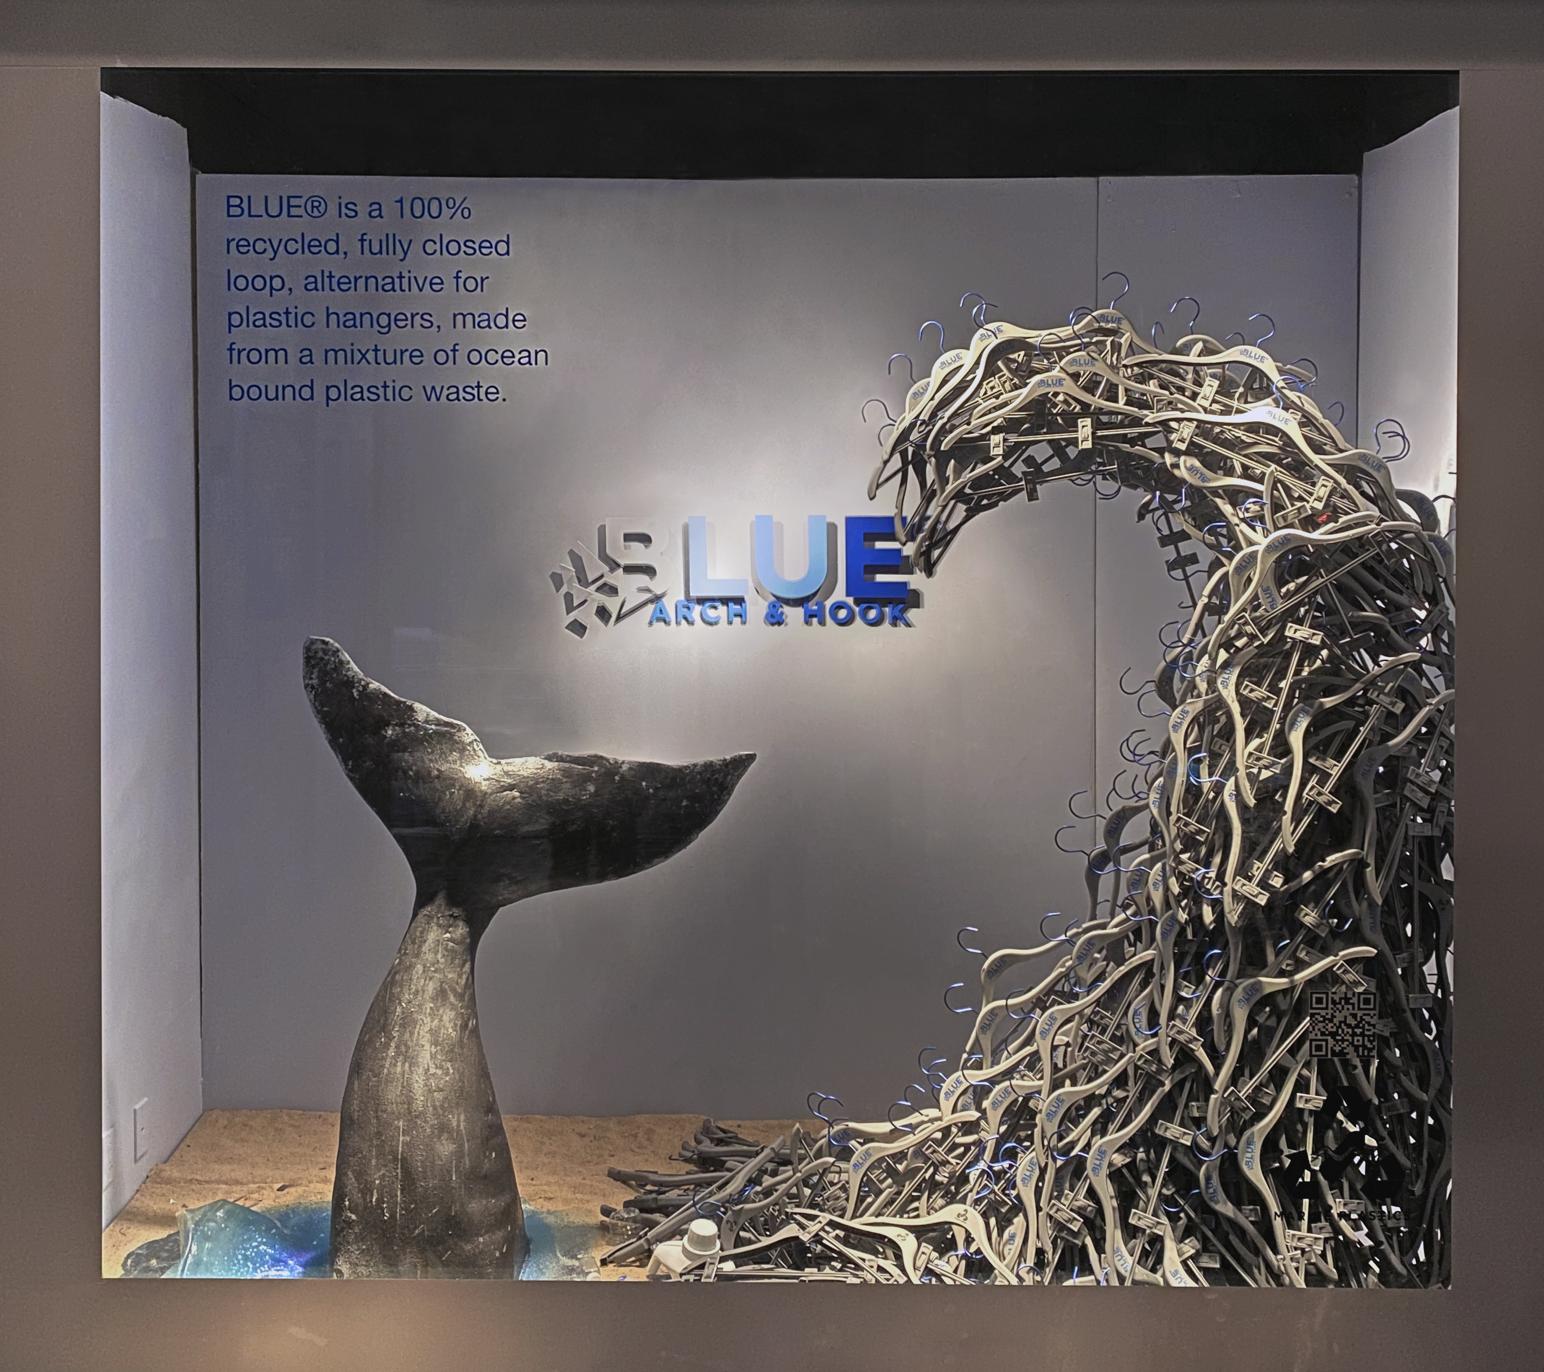 BLUE: Arch & Hook | Fashion Institute of Technology<br/><i>Francesca Moy, Chumou, Tenzin</i>